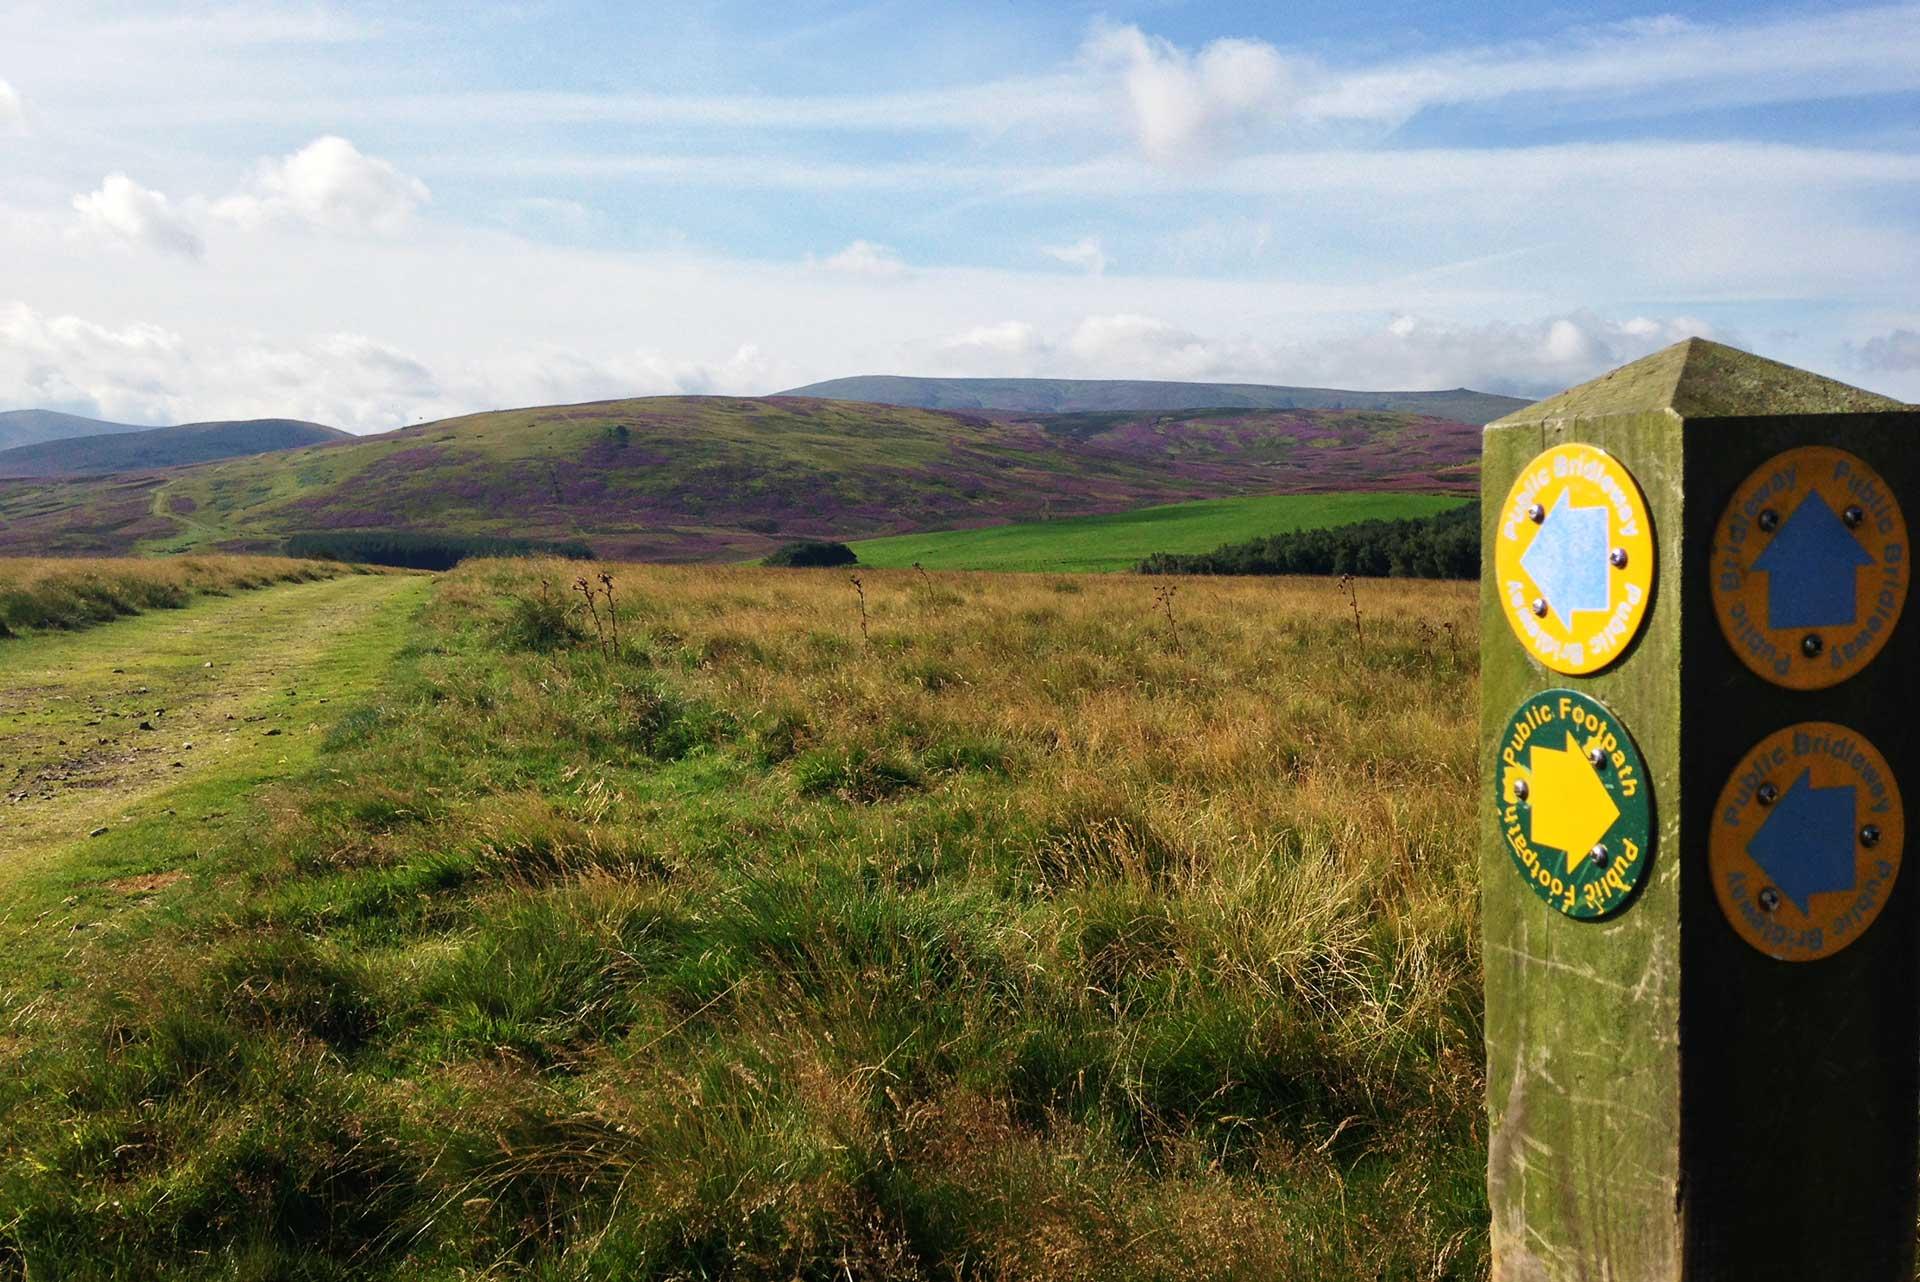 Waymarker towards Great Moor